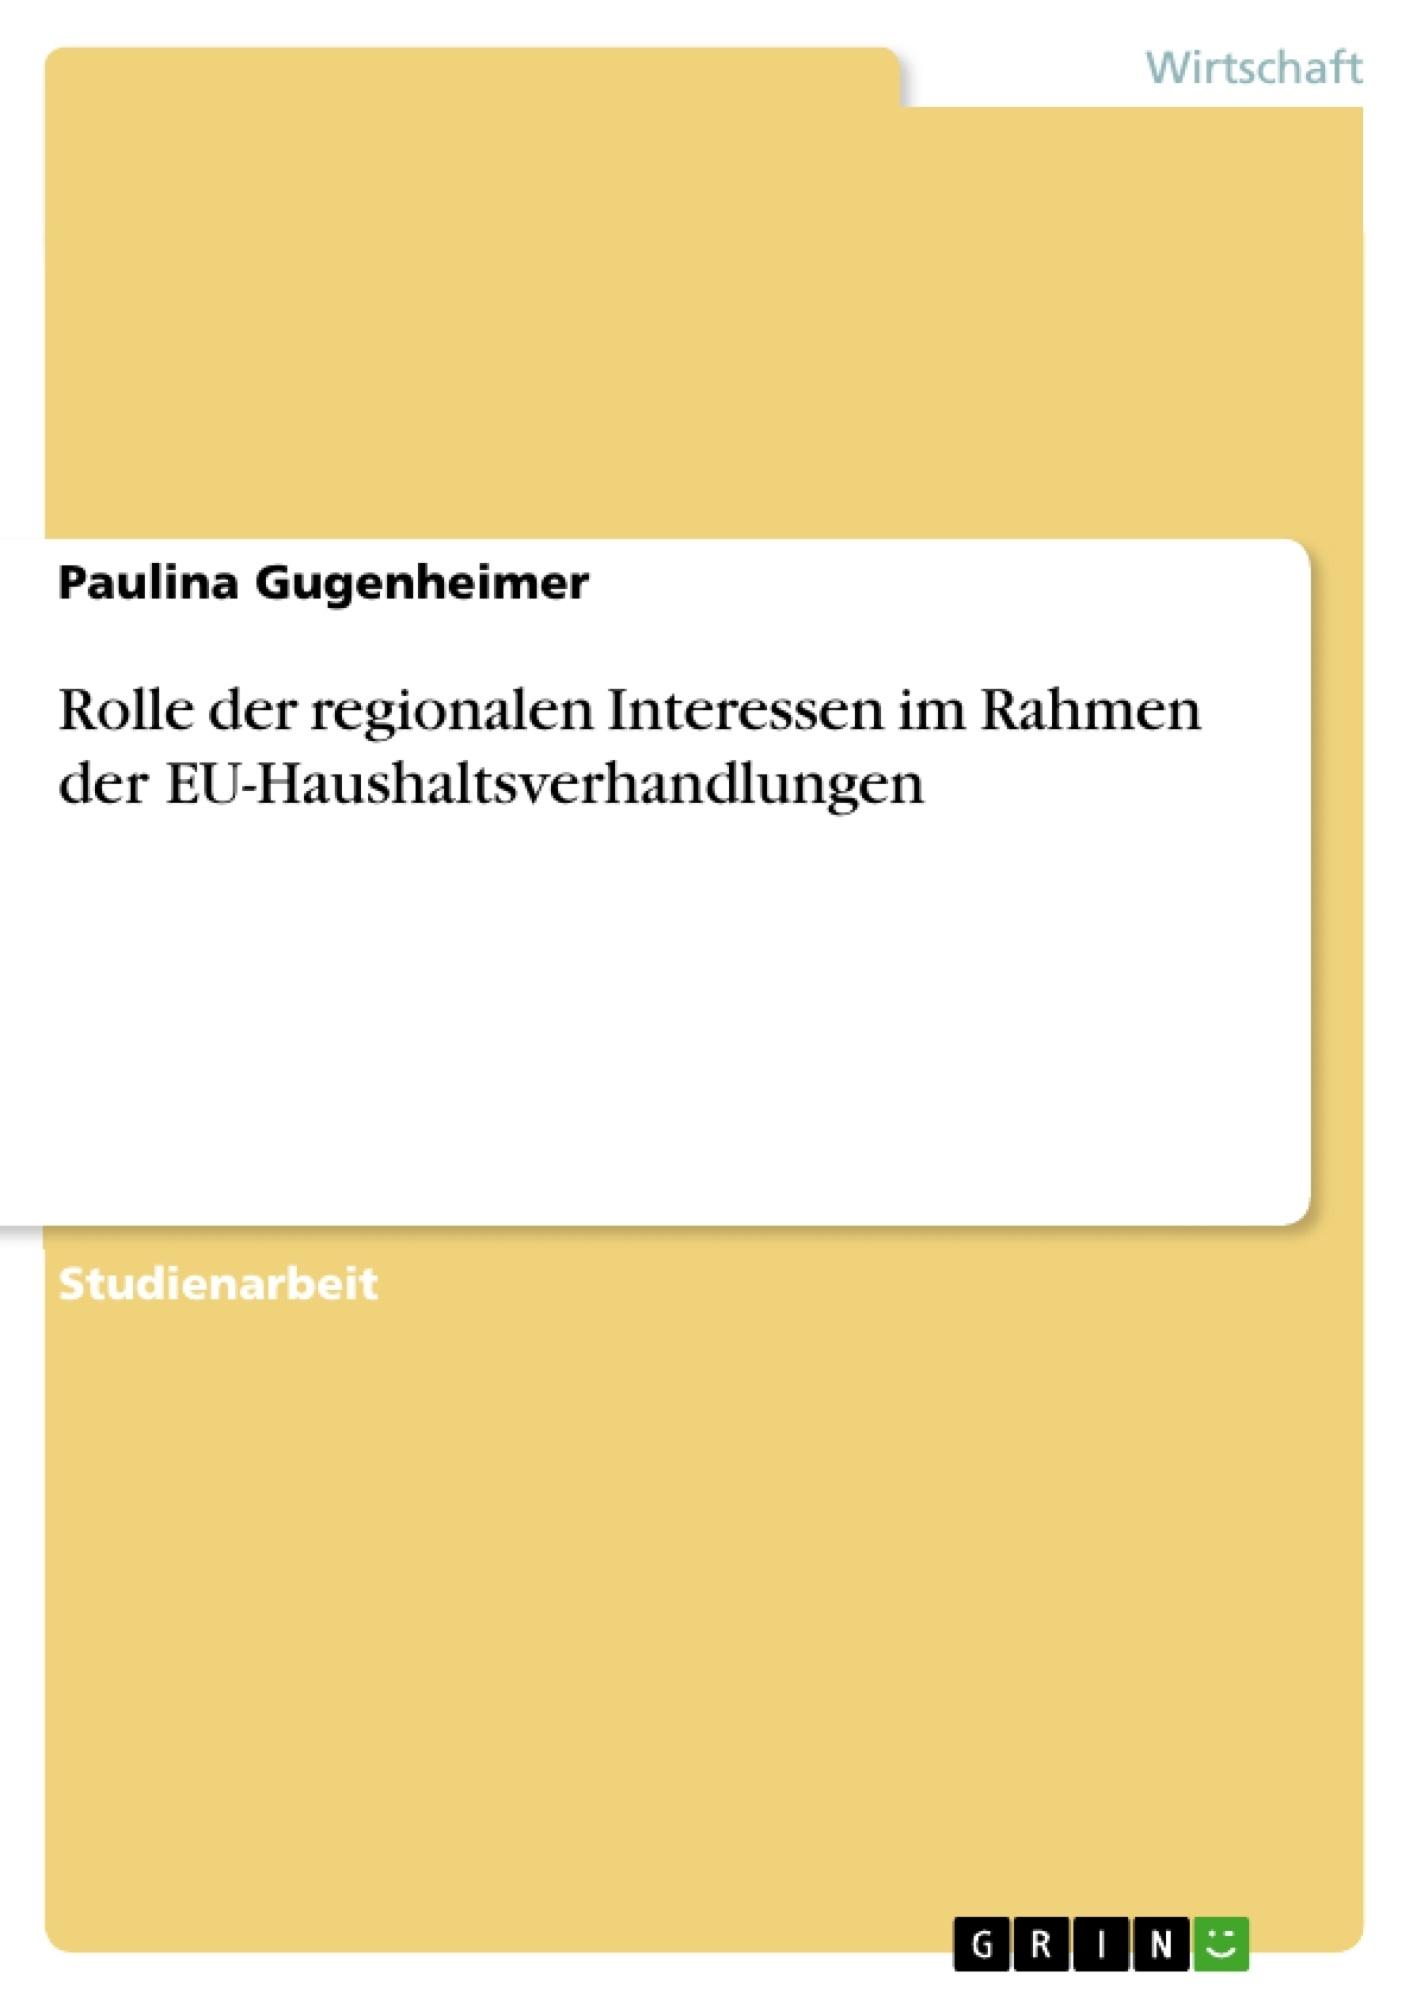 Titel: Rolle der regionalen Interessen im Rahmen der EU-Haushaltsverhandlungen